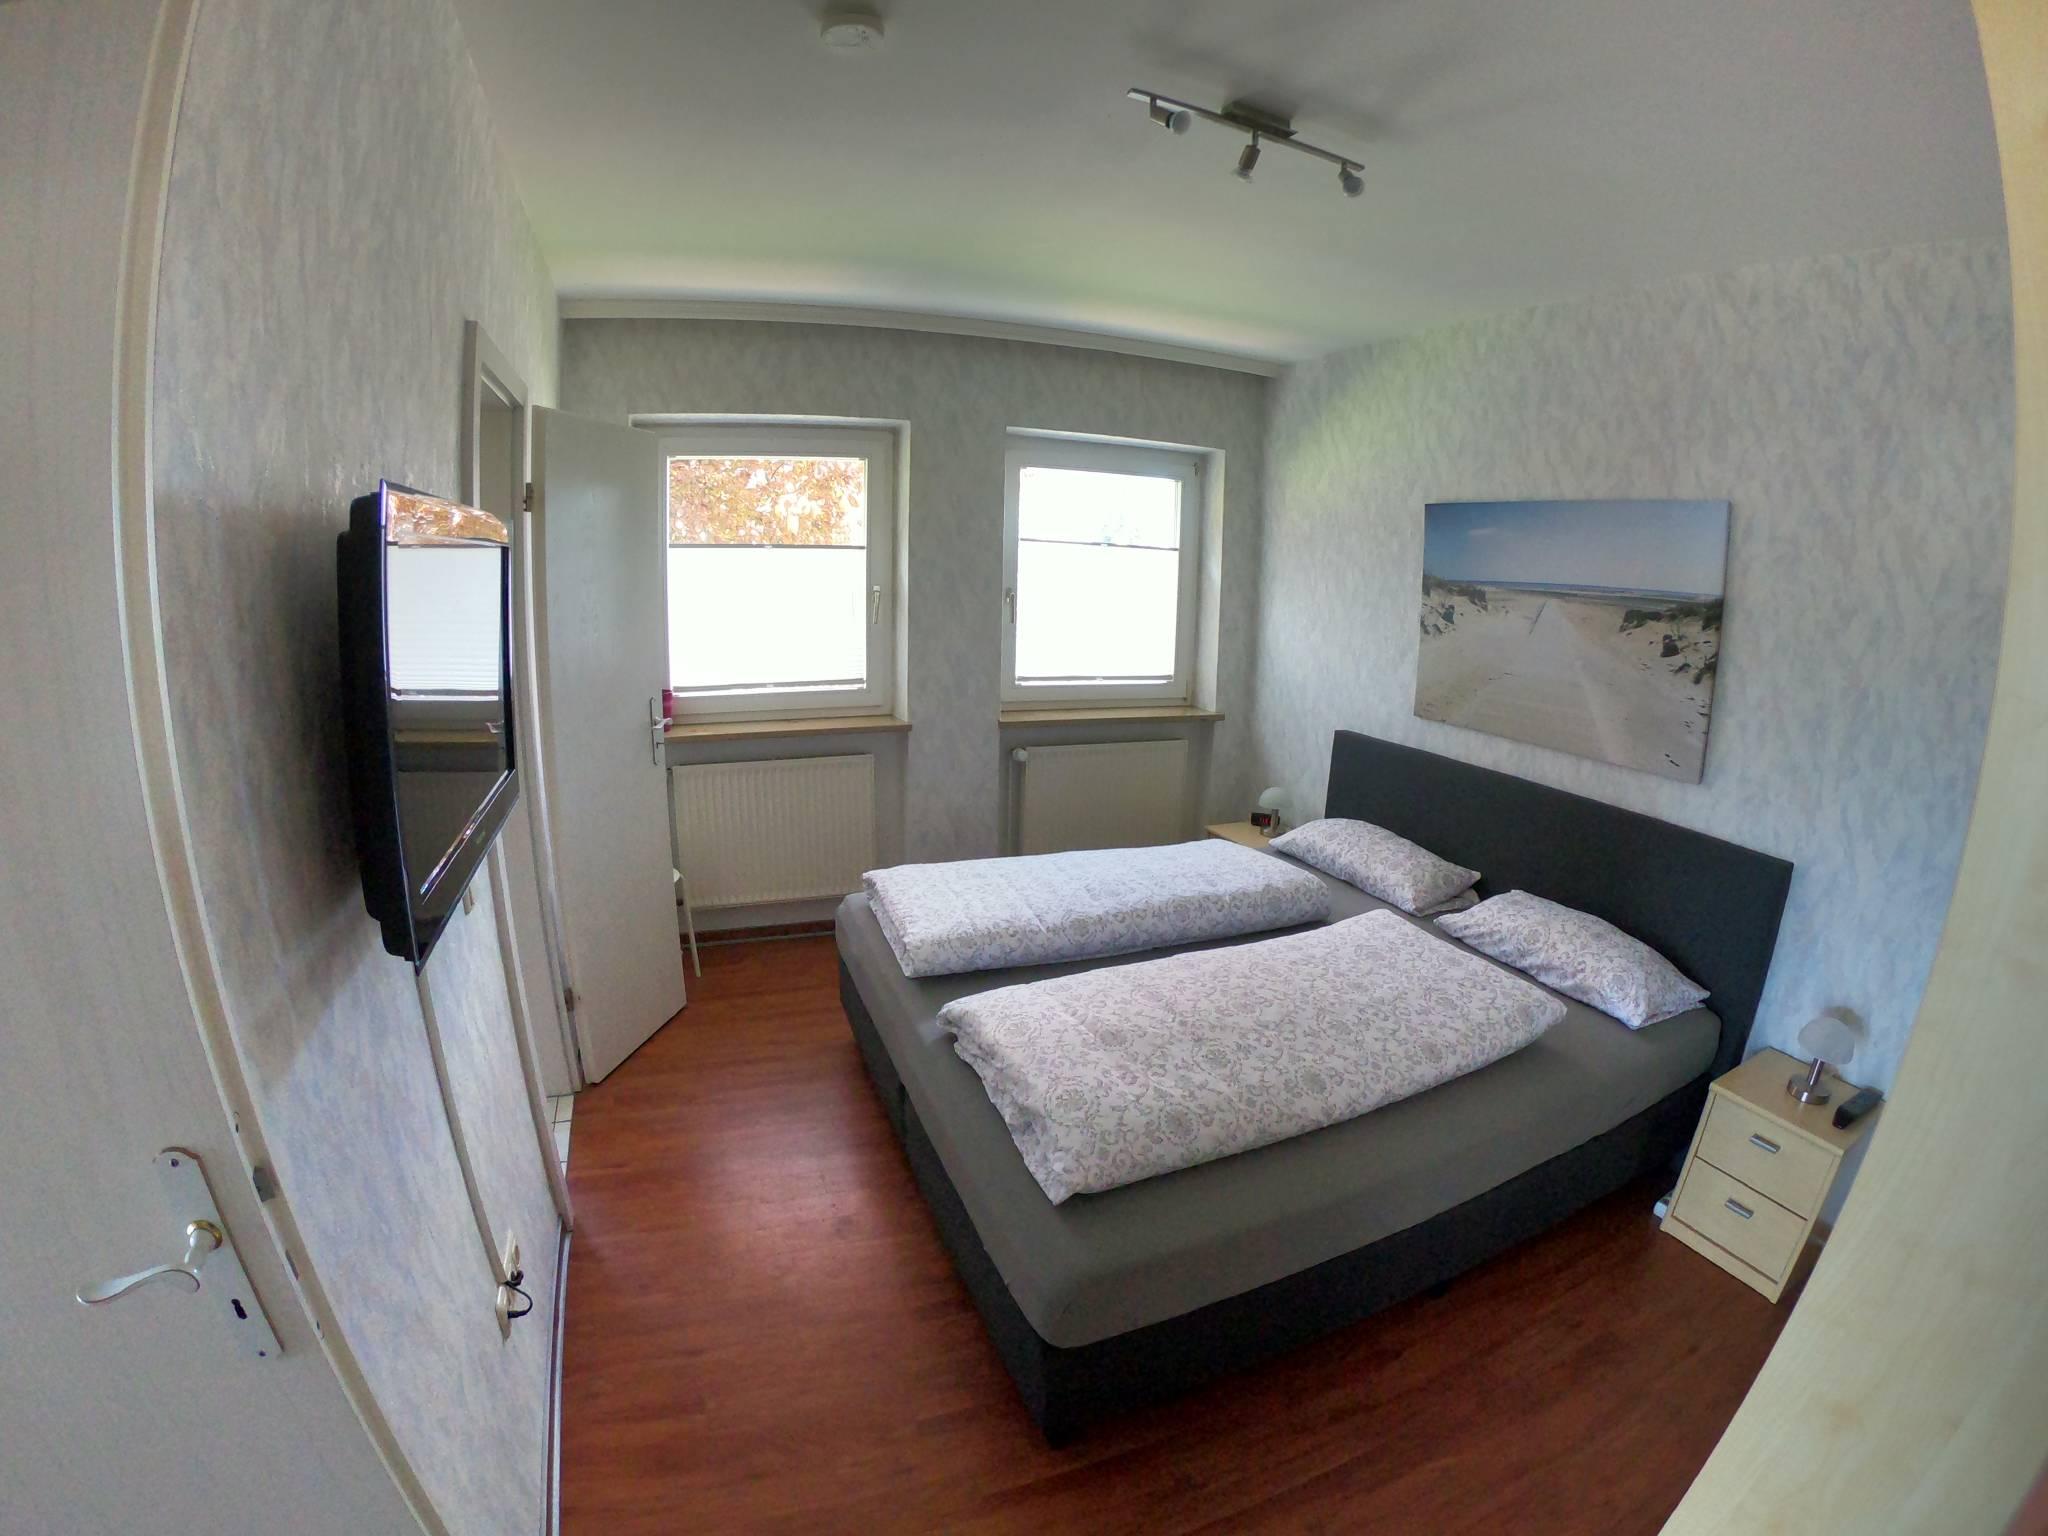 Schlafzimmer, Schrank, TV, zum Badez.